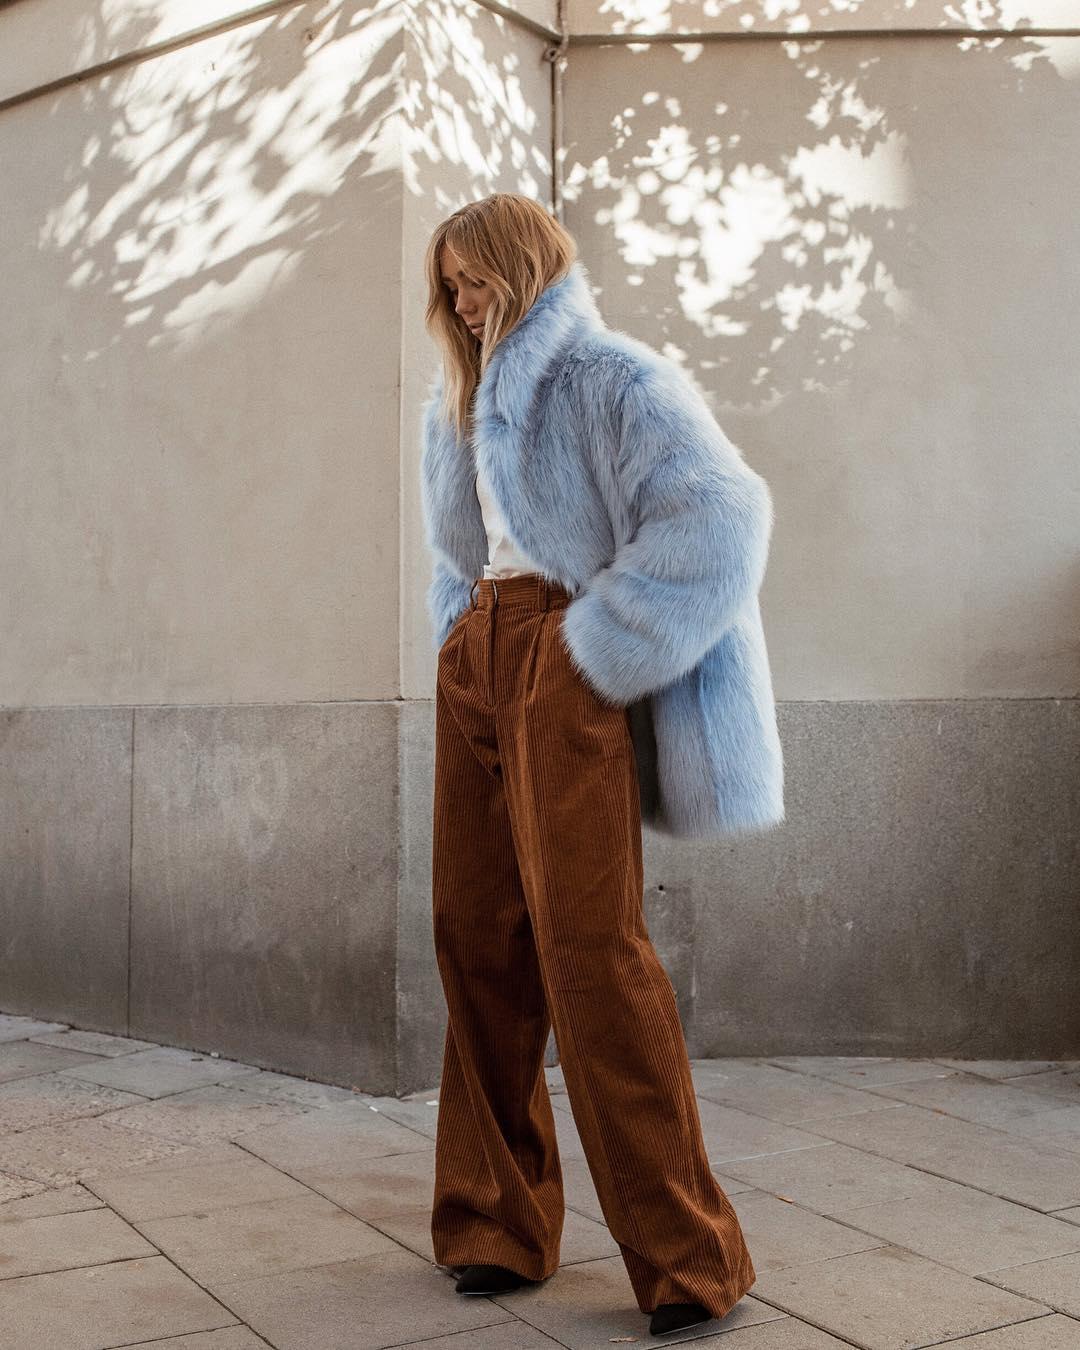 Широкие брюки осенью с шубой Тедди